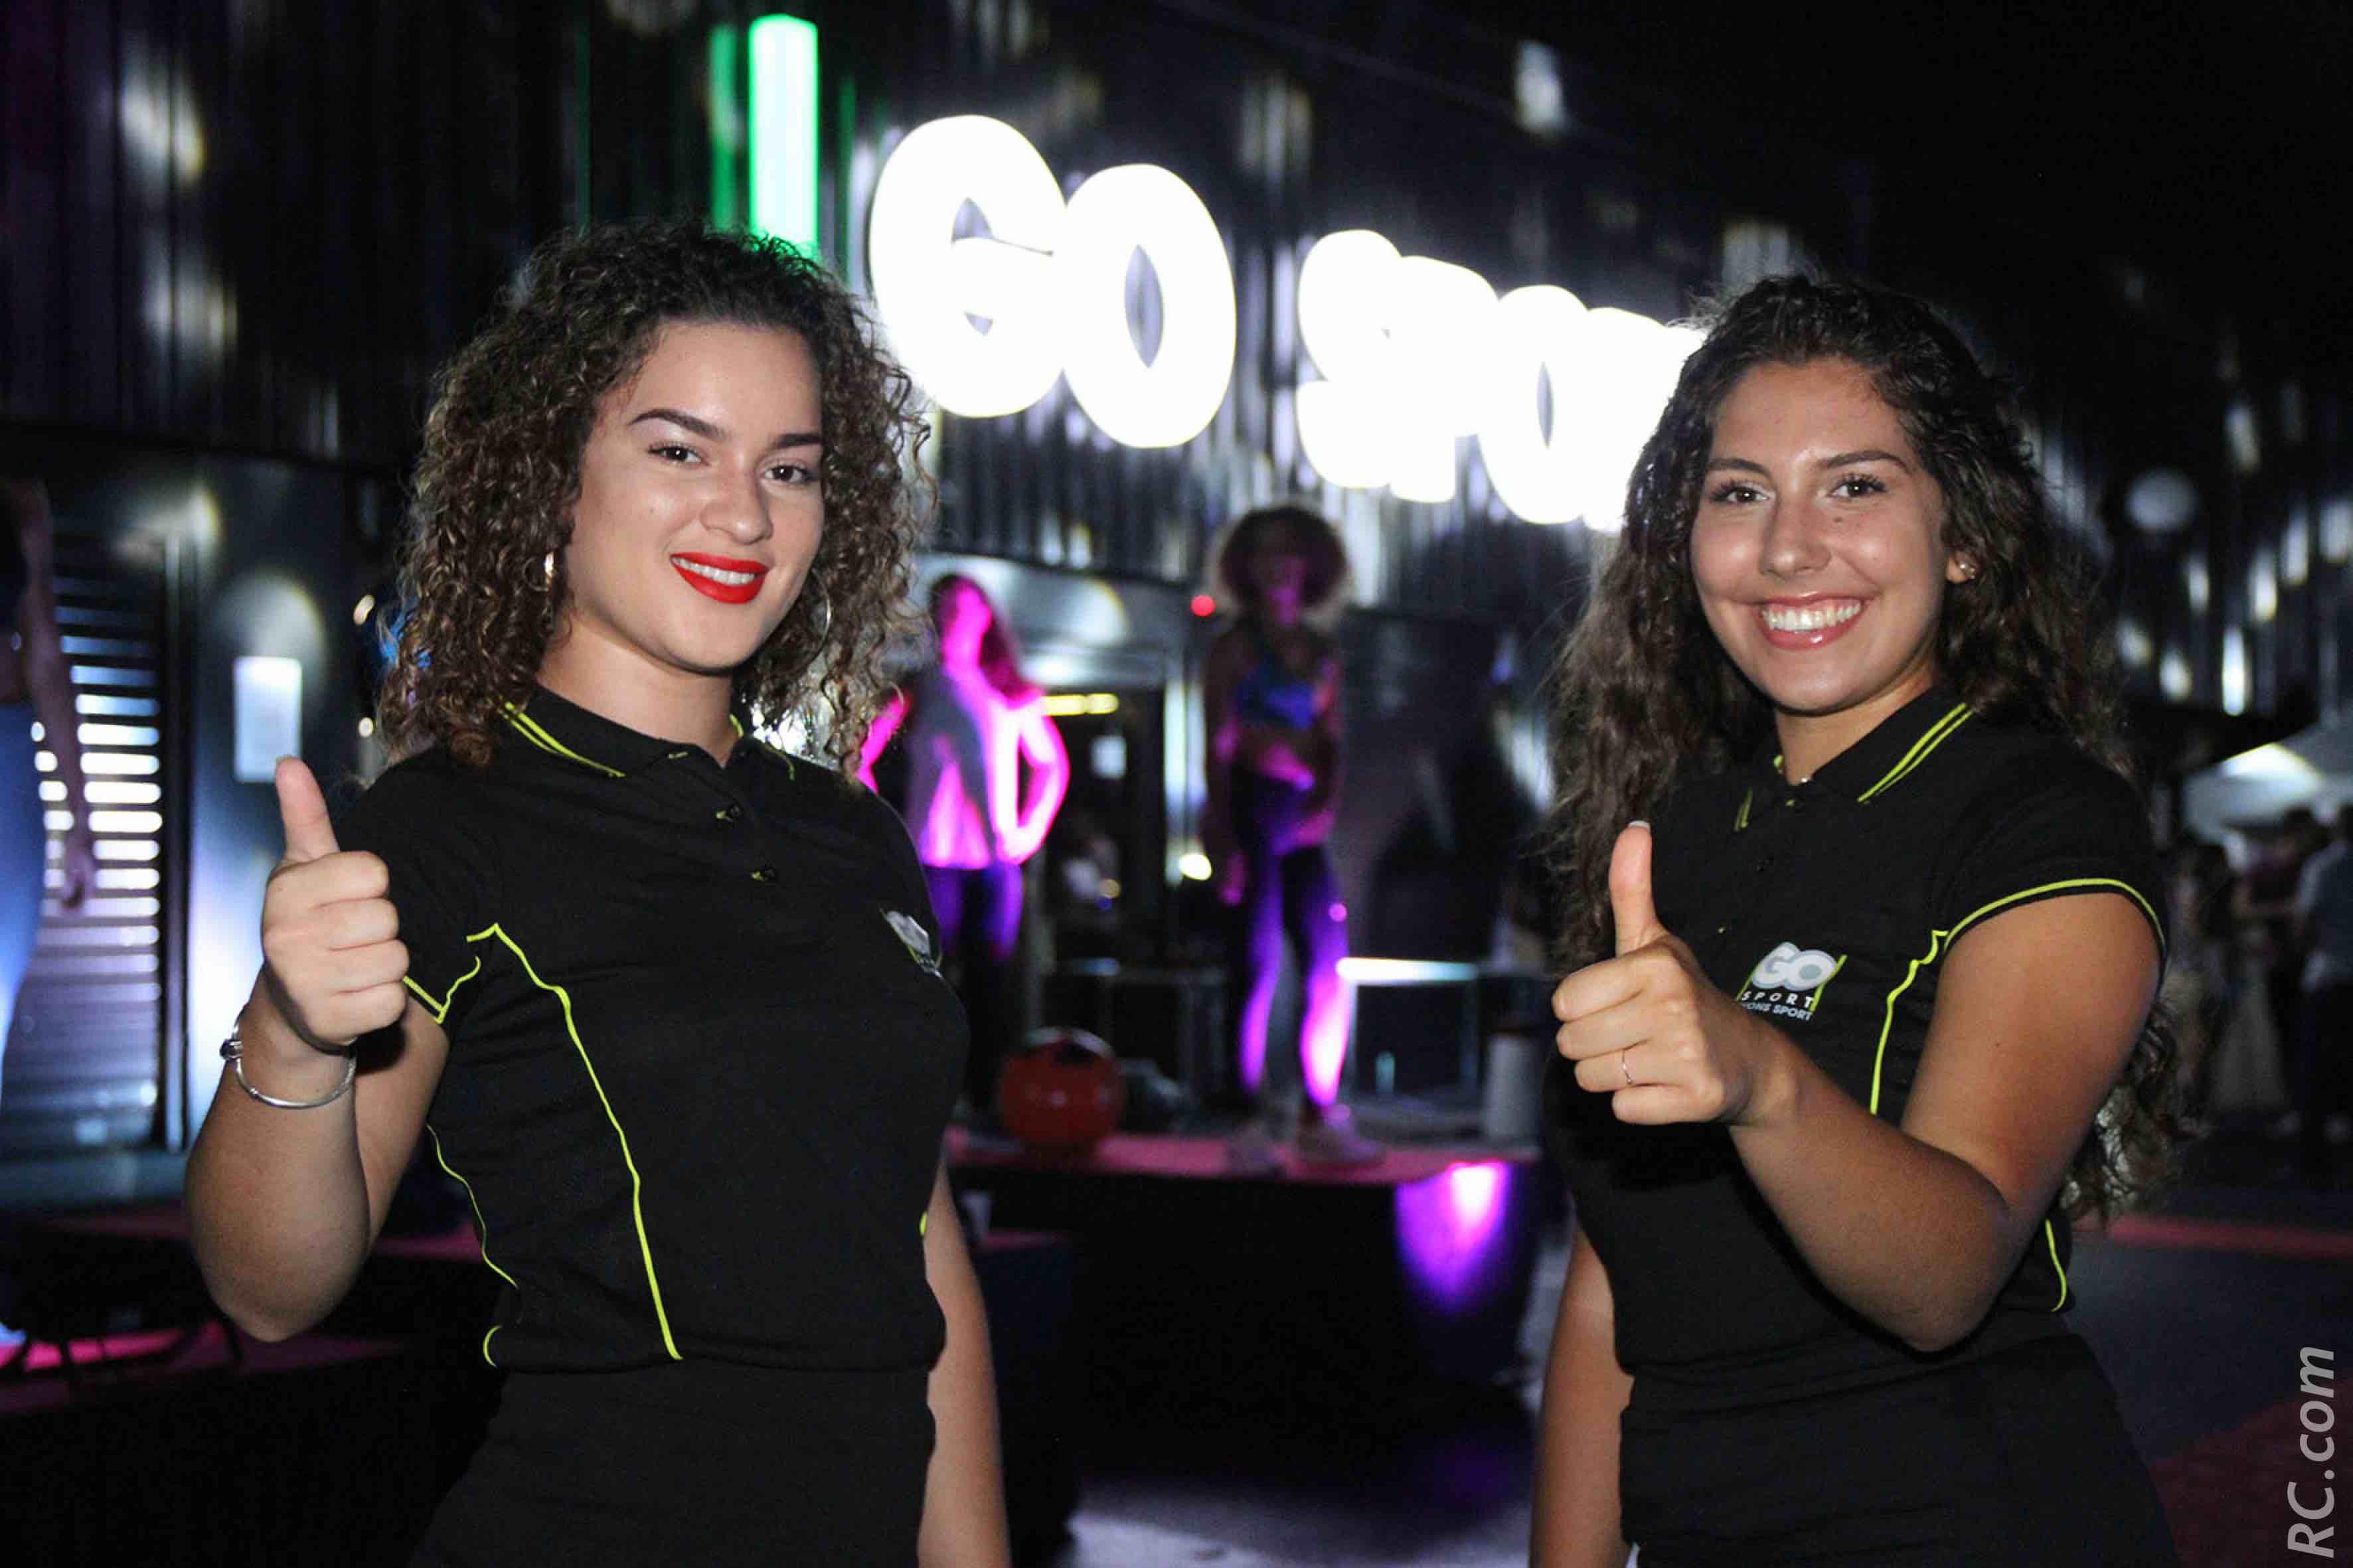 Les hôtesses de la soirée Lisa et Alizée ont accueilli les invités avec leur plus beau sourire